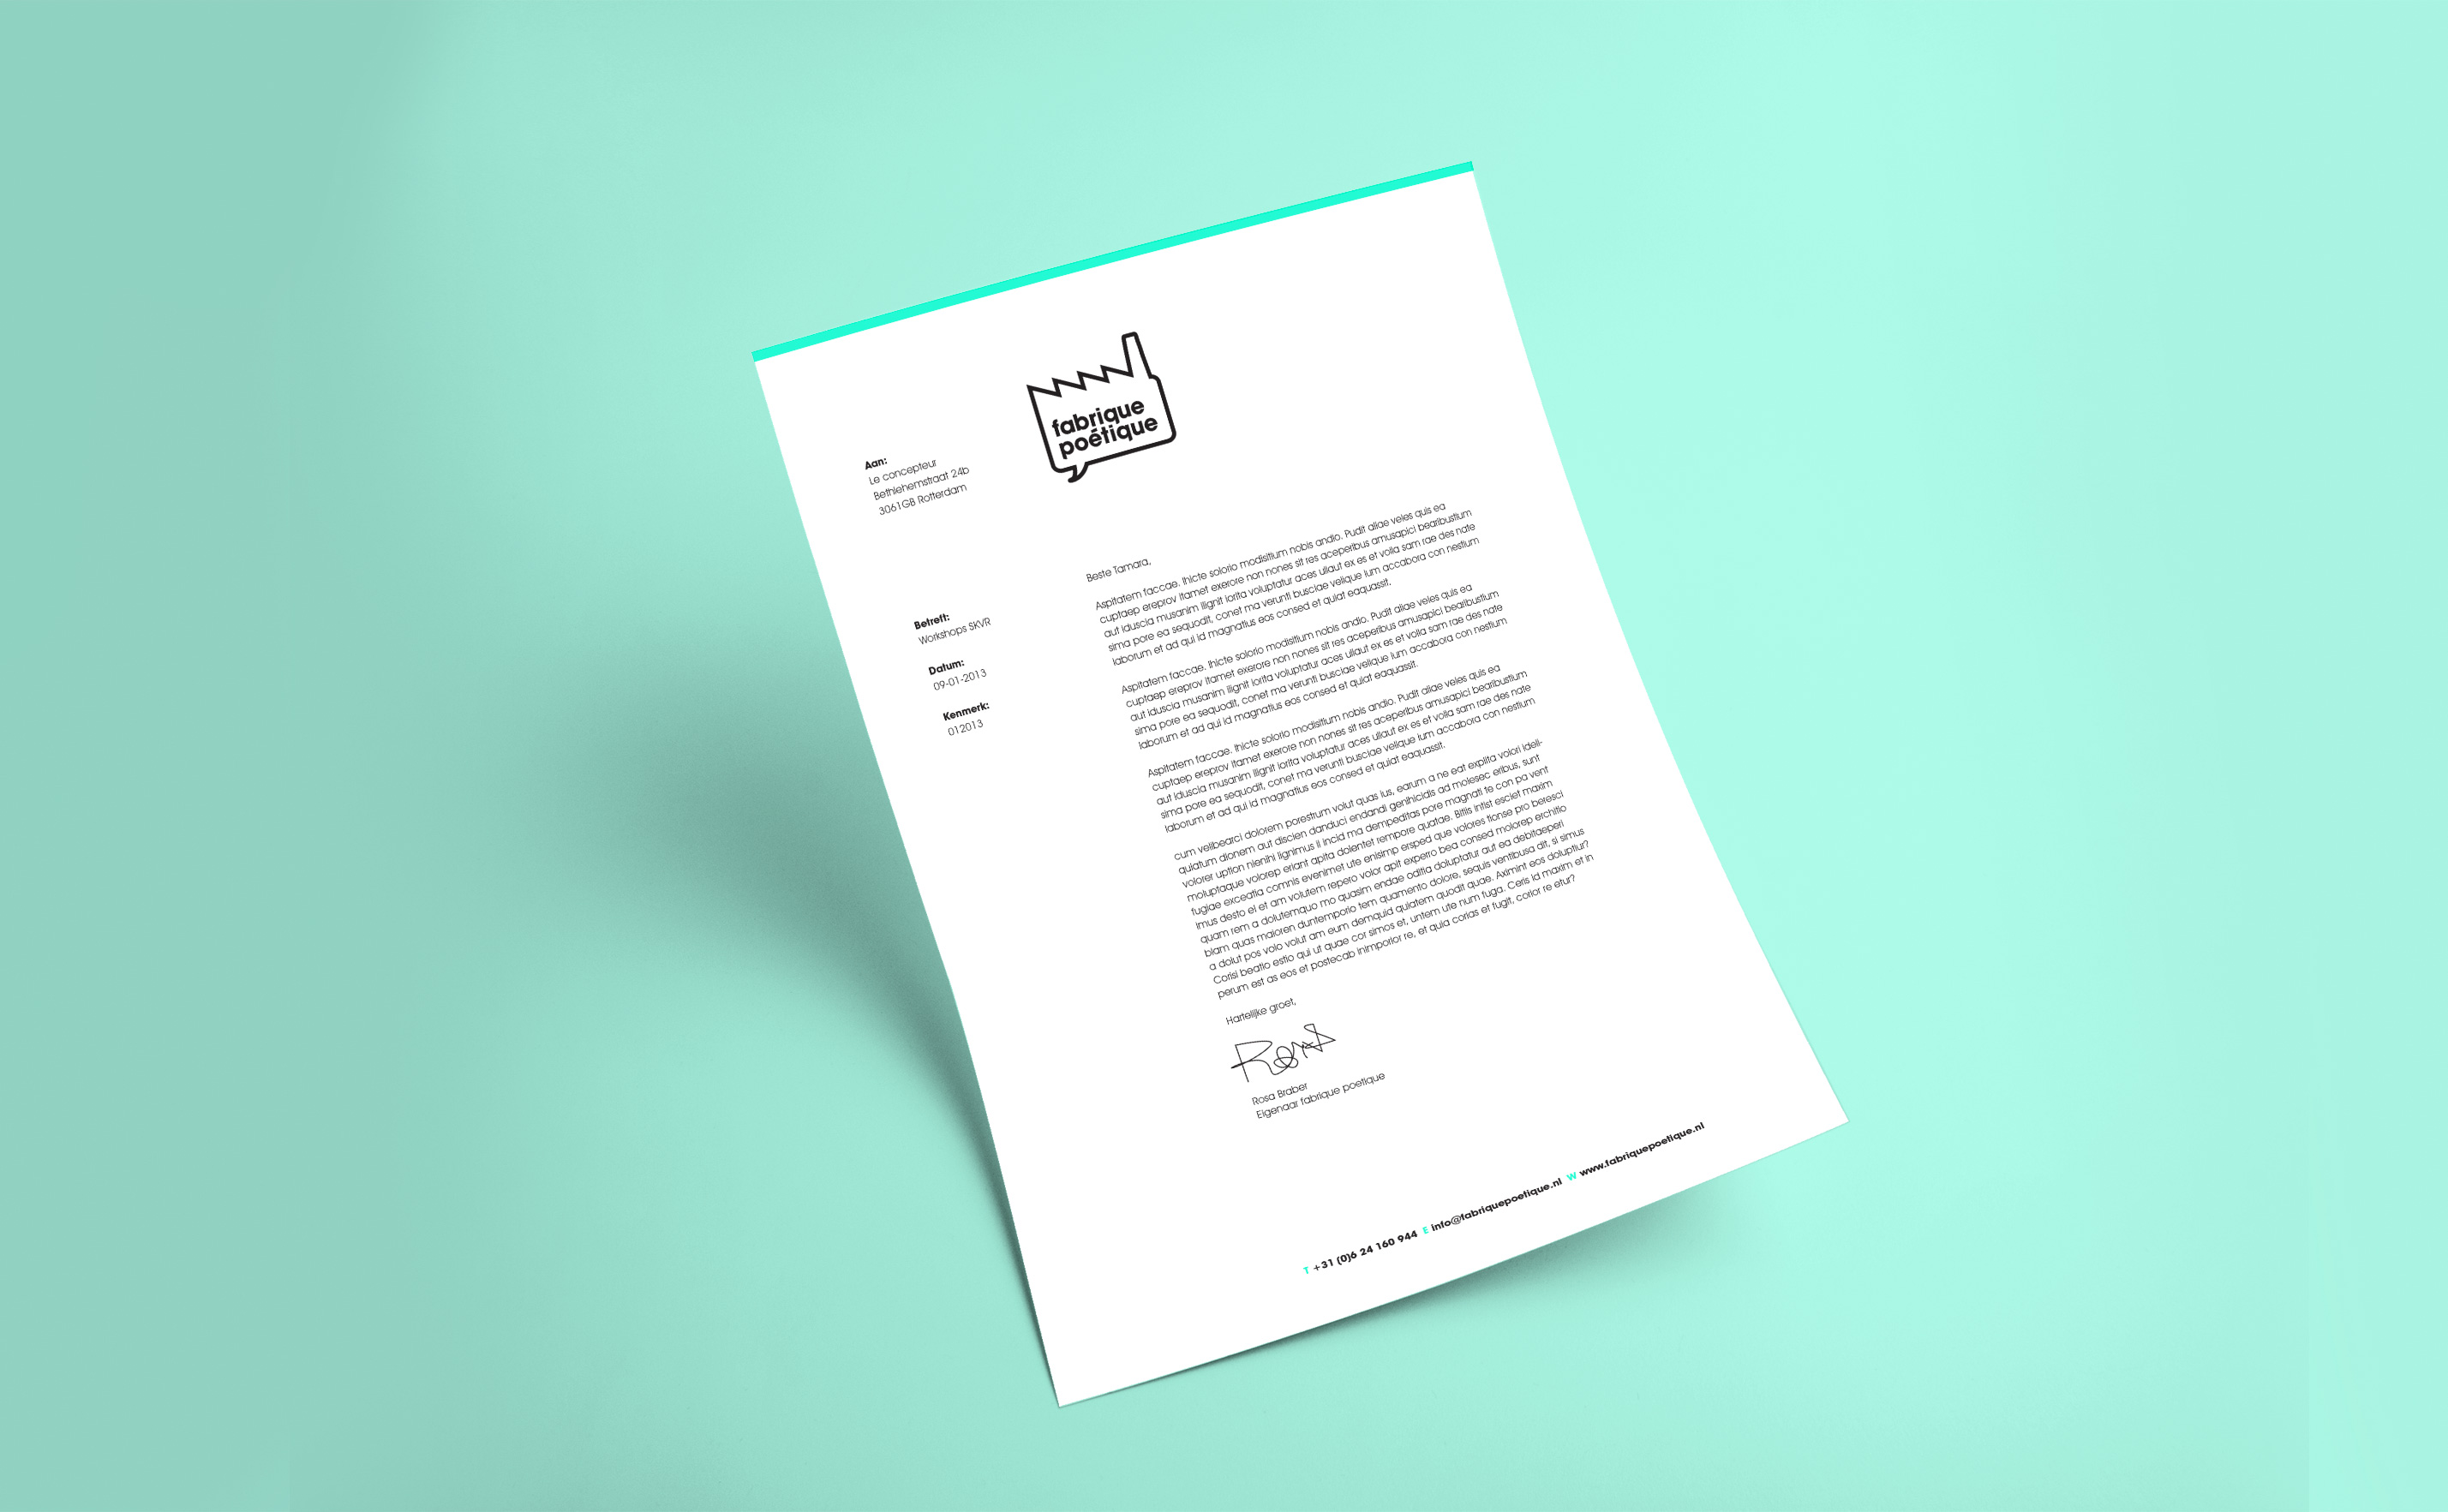 freelance_grafisch_rotterdam_briefpapier_rosa_braber